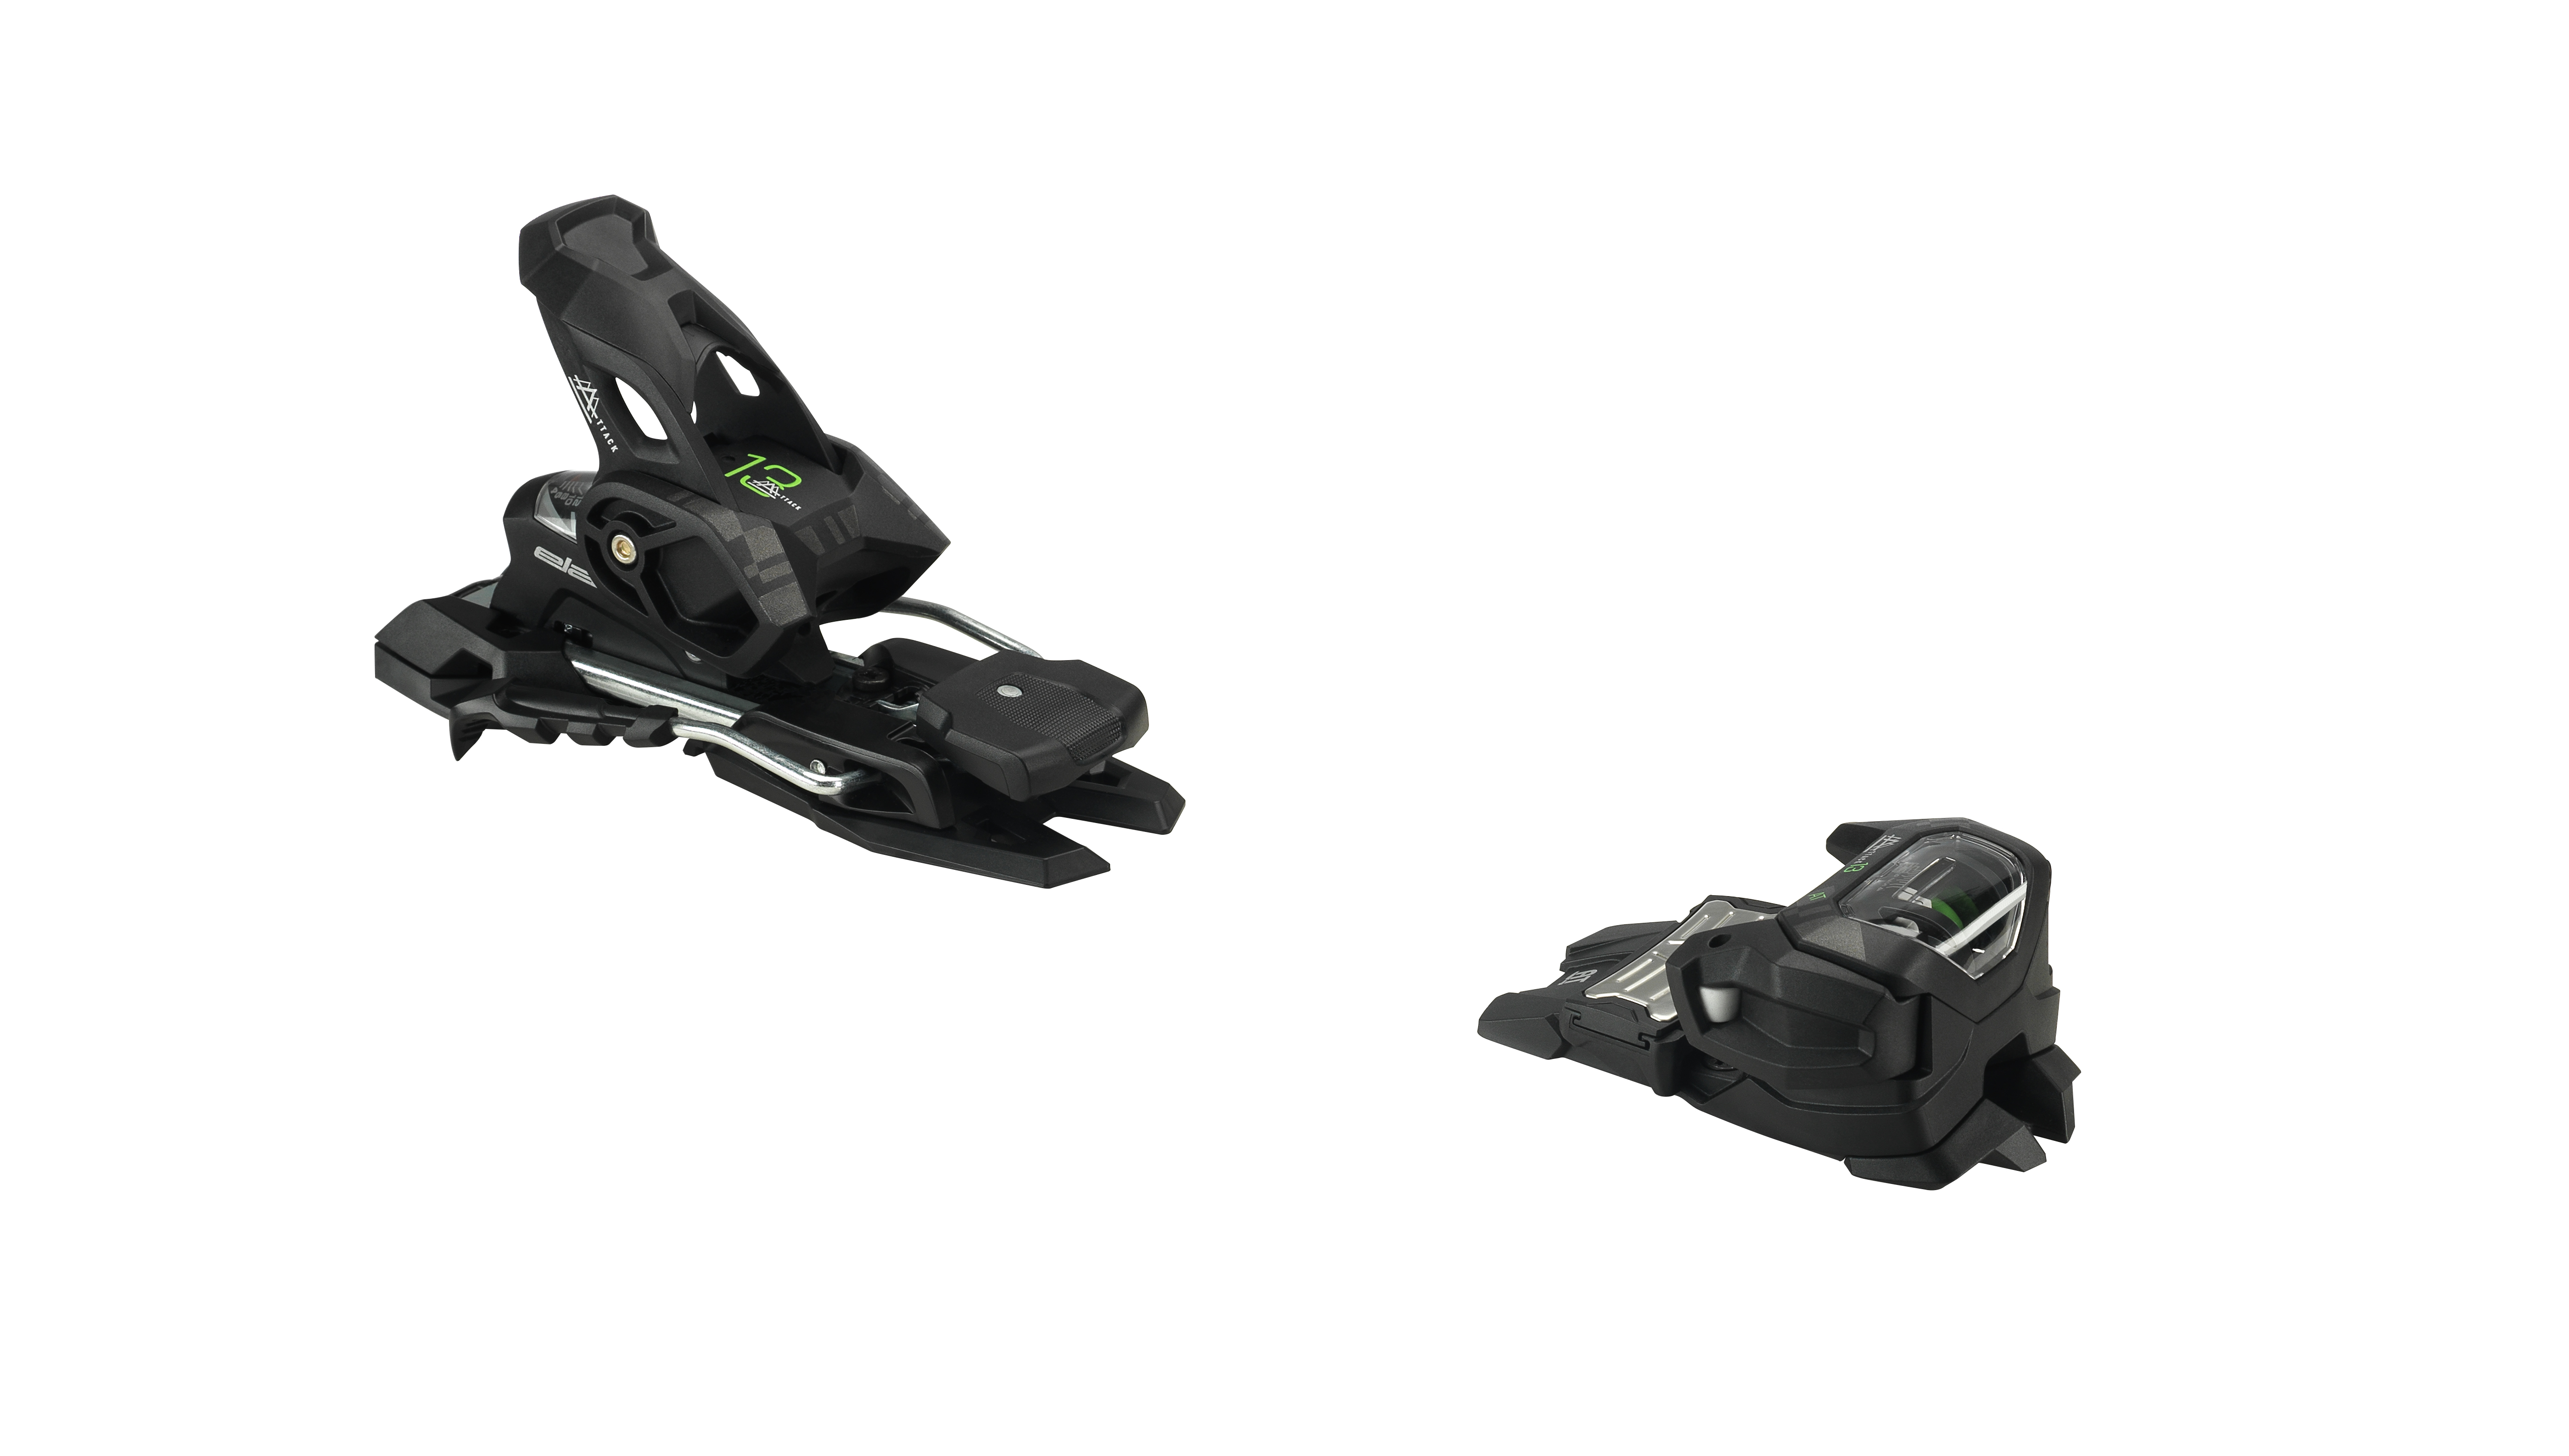 Горнолыжные крепления Elan Независимые ATTACK2 13 AT w/o brake (б/р:ONE SIZE)